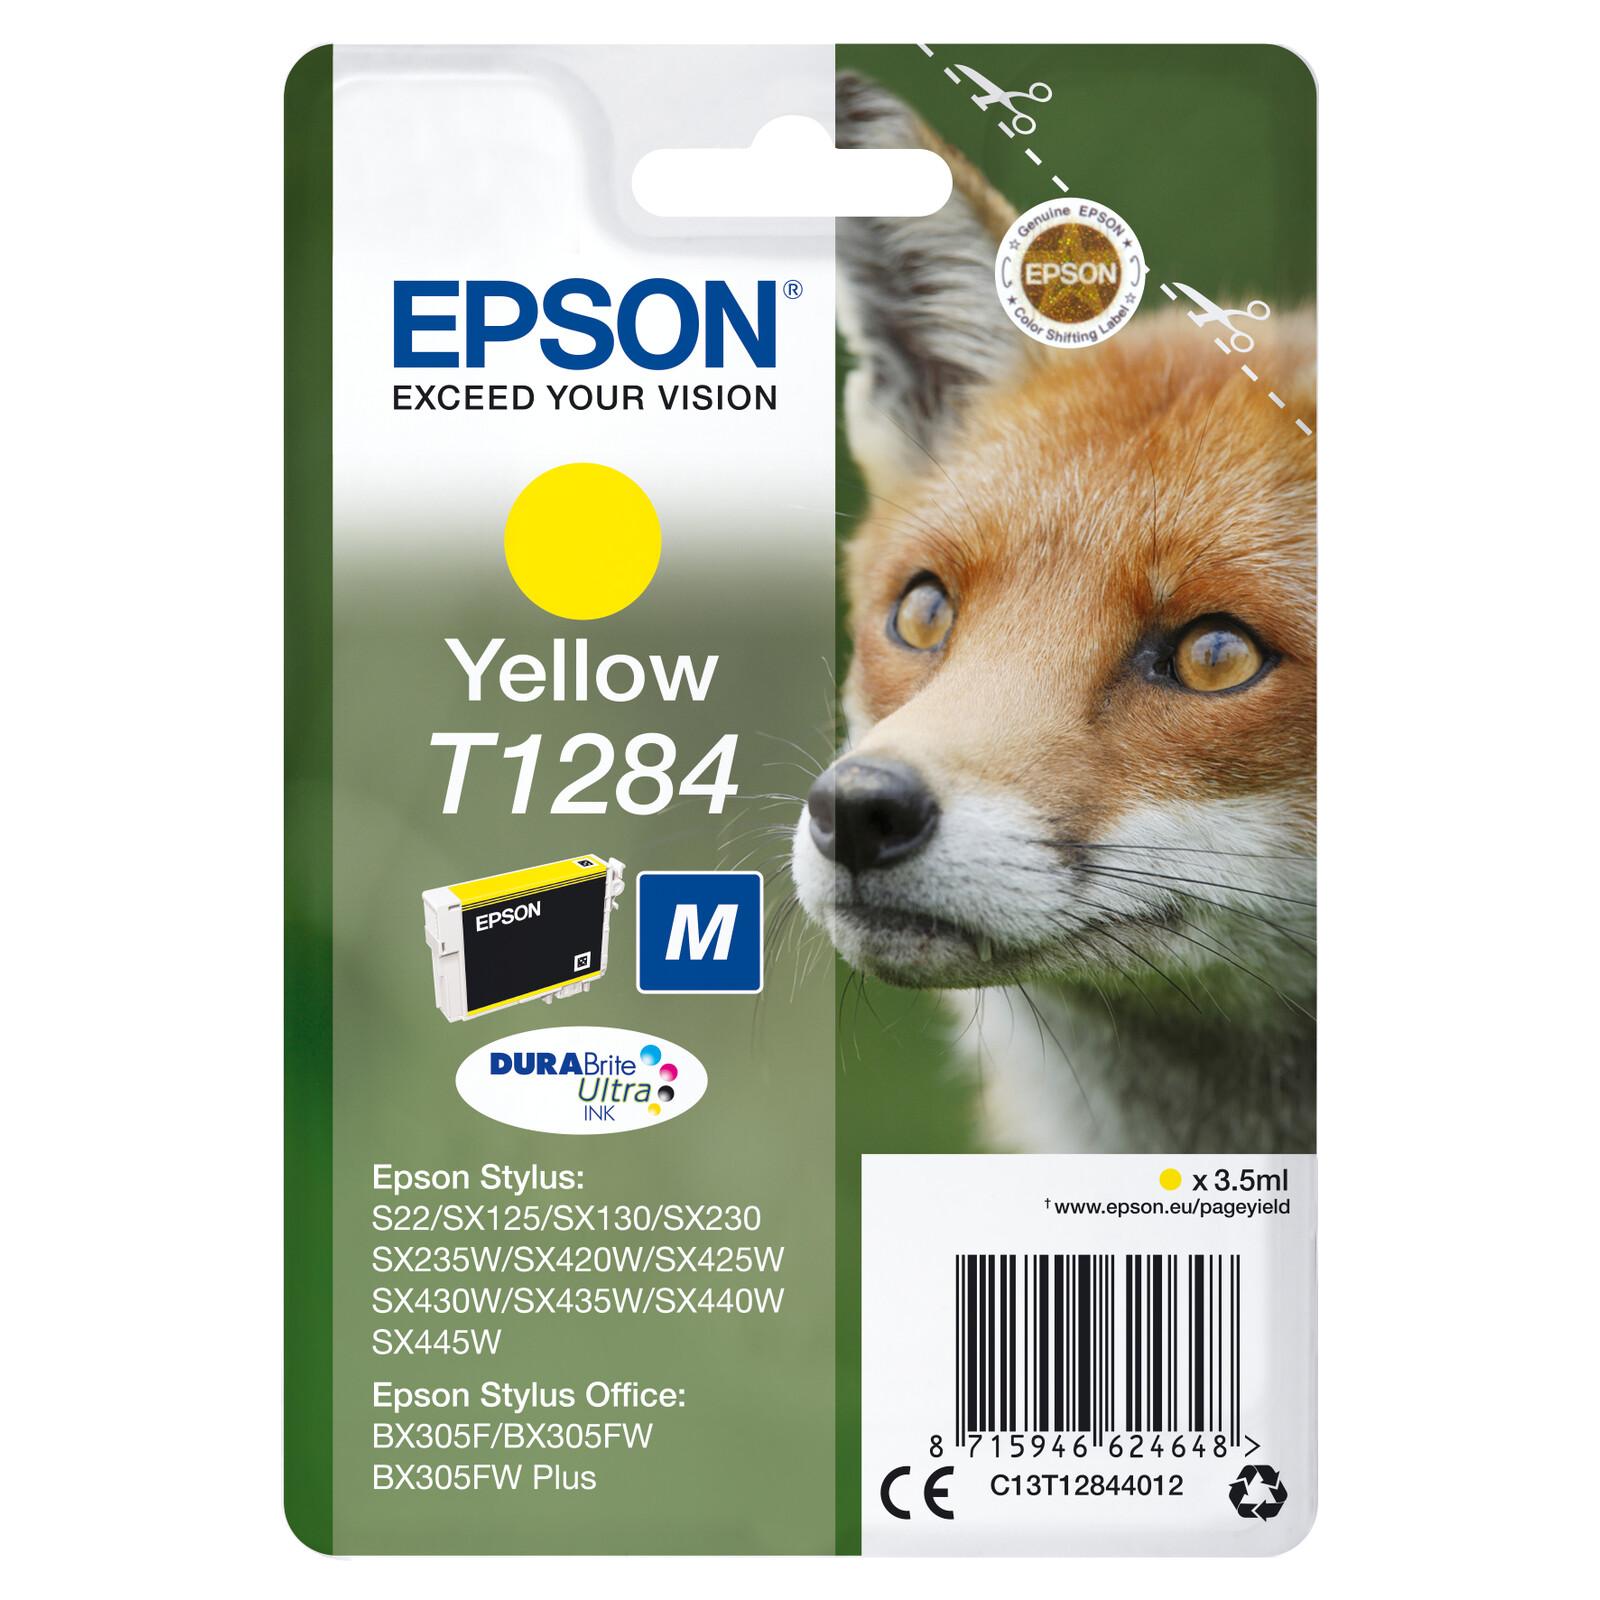 Epson T1284 Tinte Yellow 3,5ml